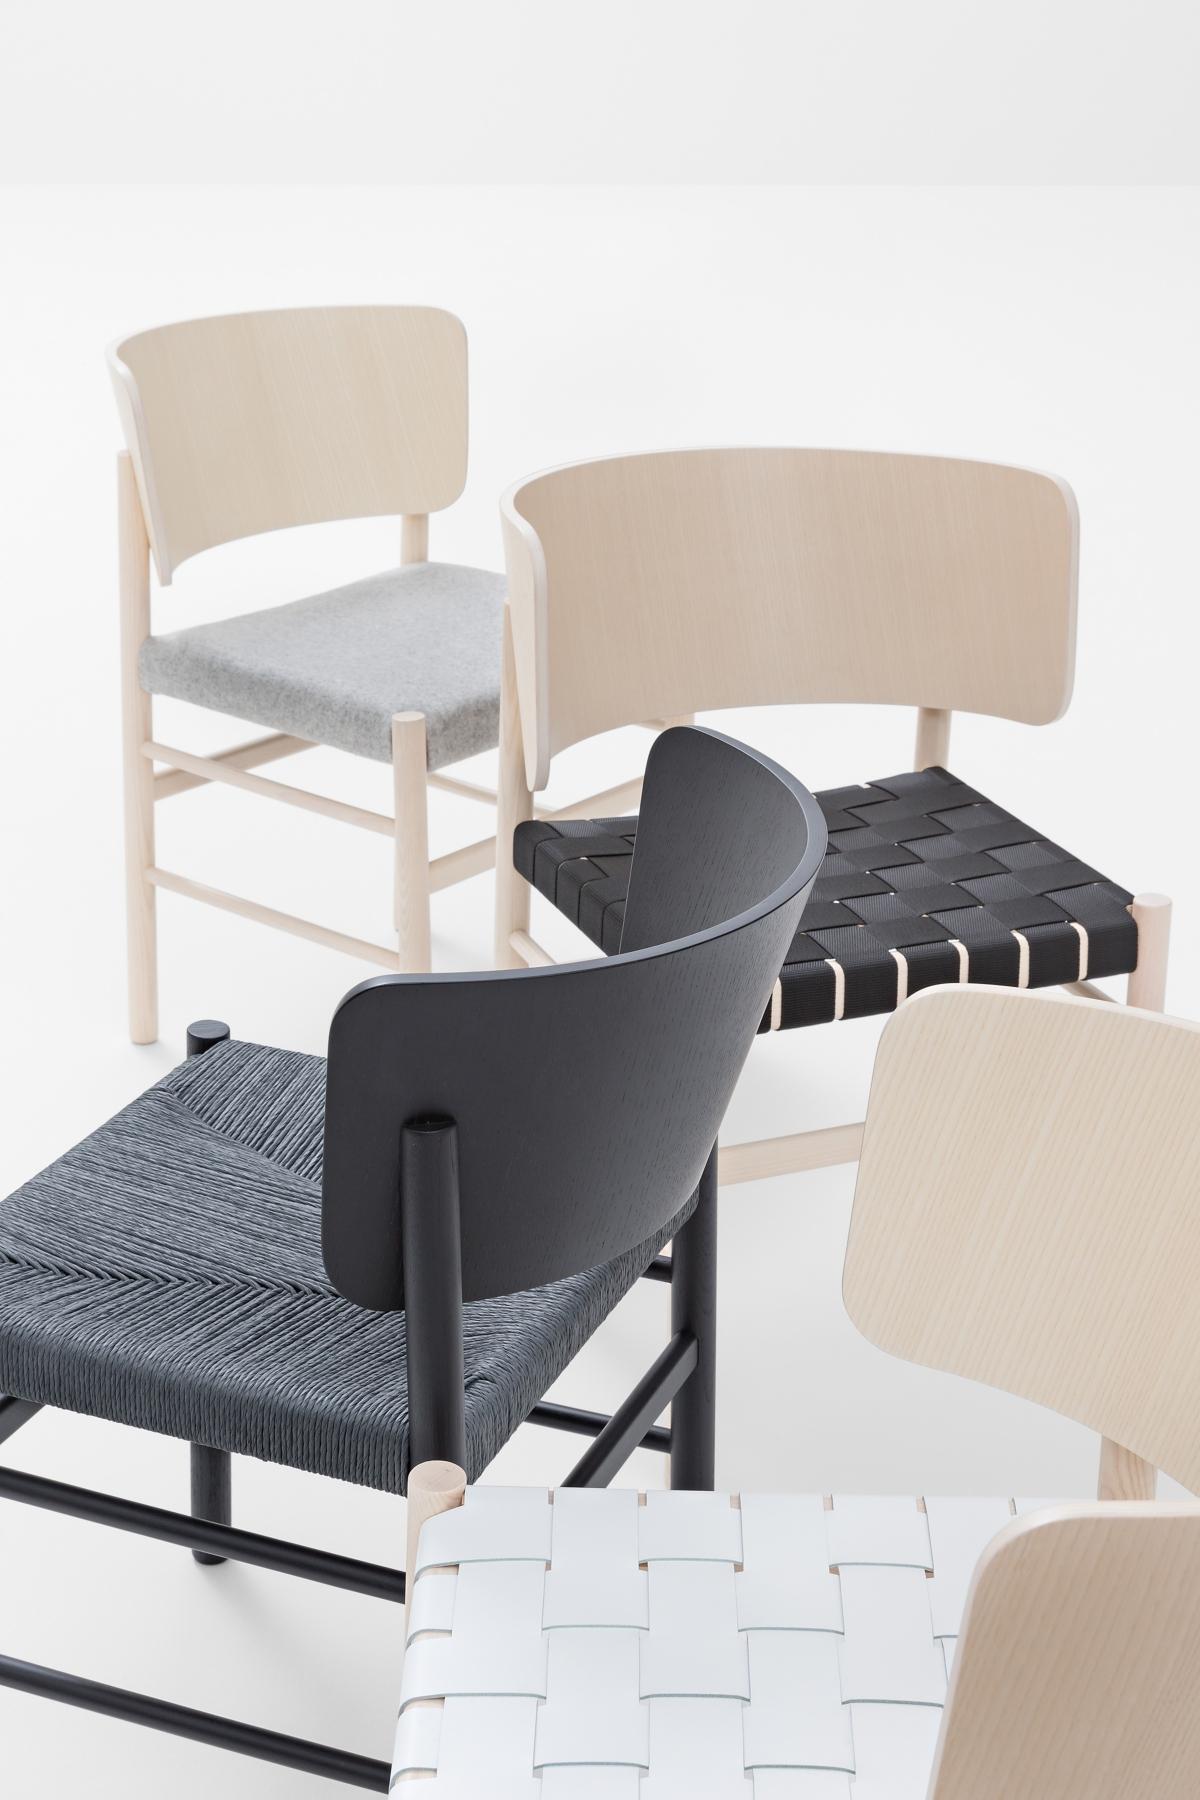 Billiani chair fratina 03